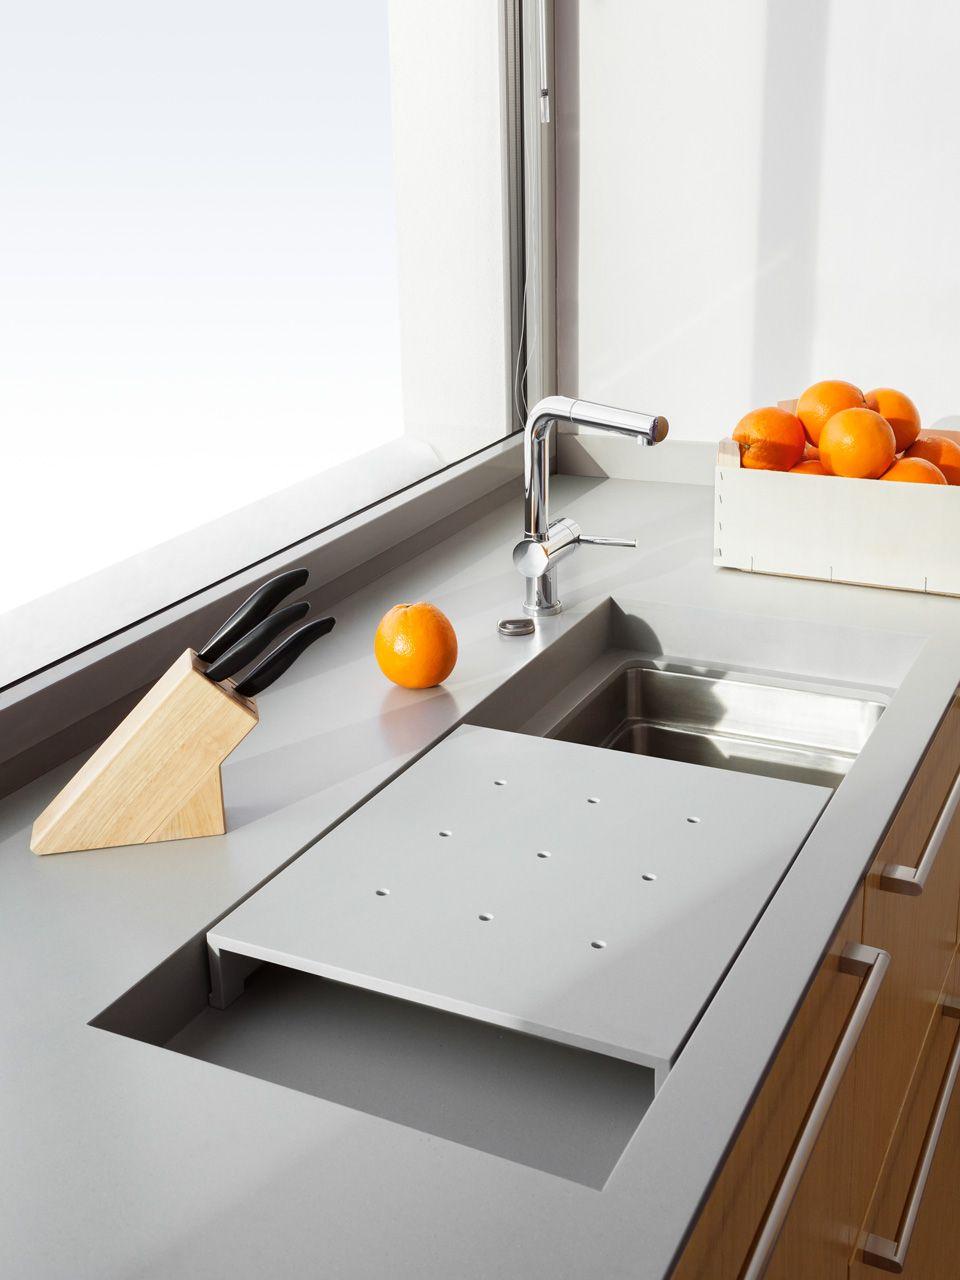 plan 3 küche / Struhelkovi / Schöne Aussichten   Schöne Aussichten ...